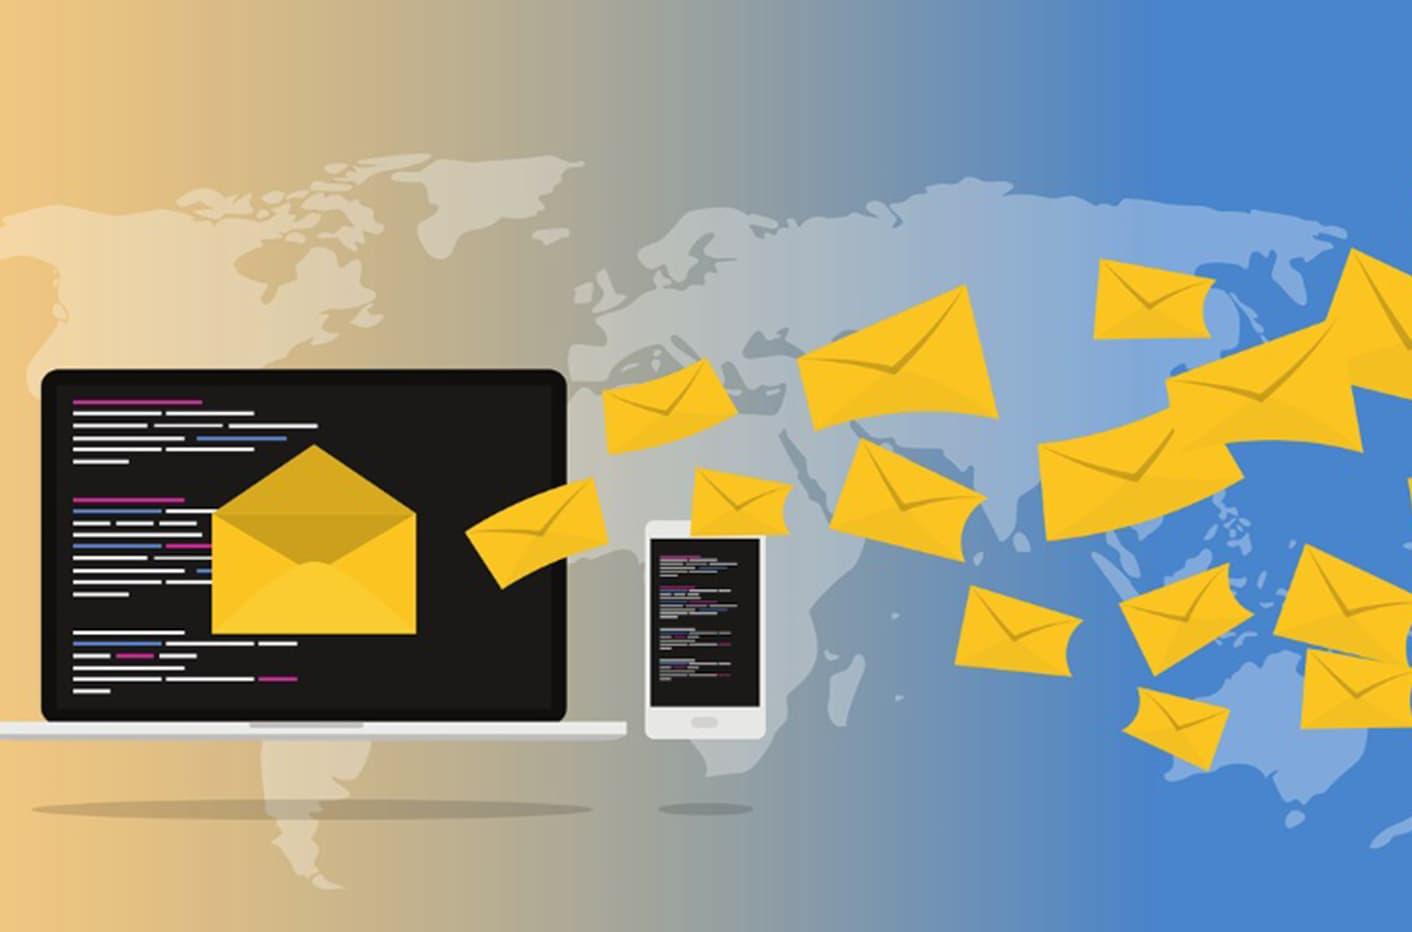 E-Posta Pazarlaması Rehberi – E-Mail Pazarlaması Hakkında Bilmeniz Gereken Her Şey